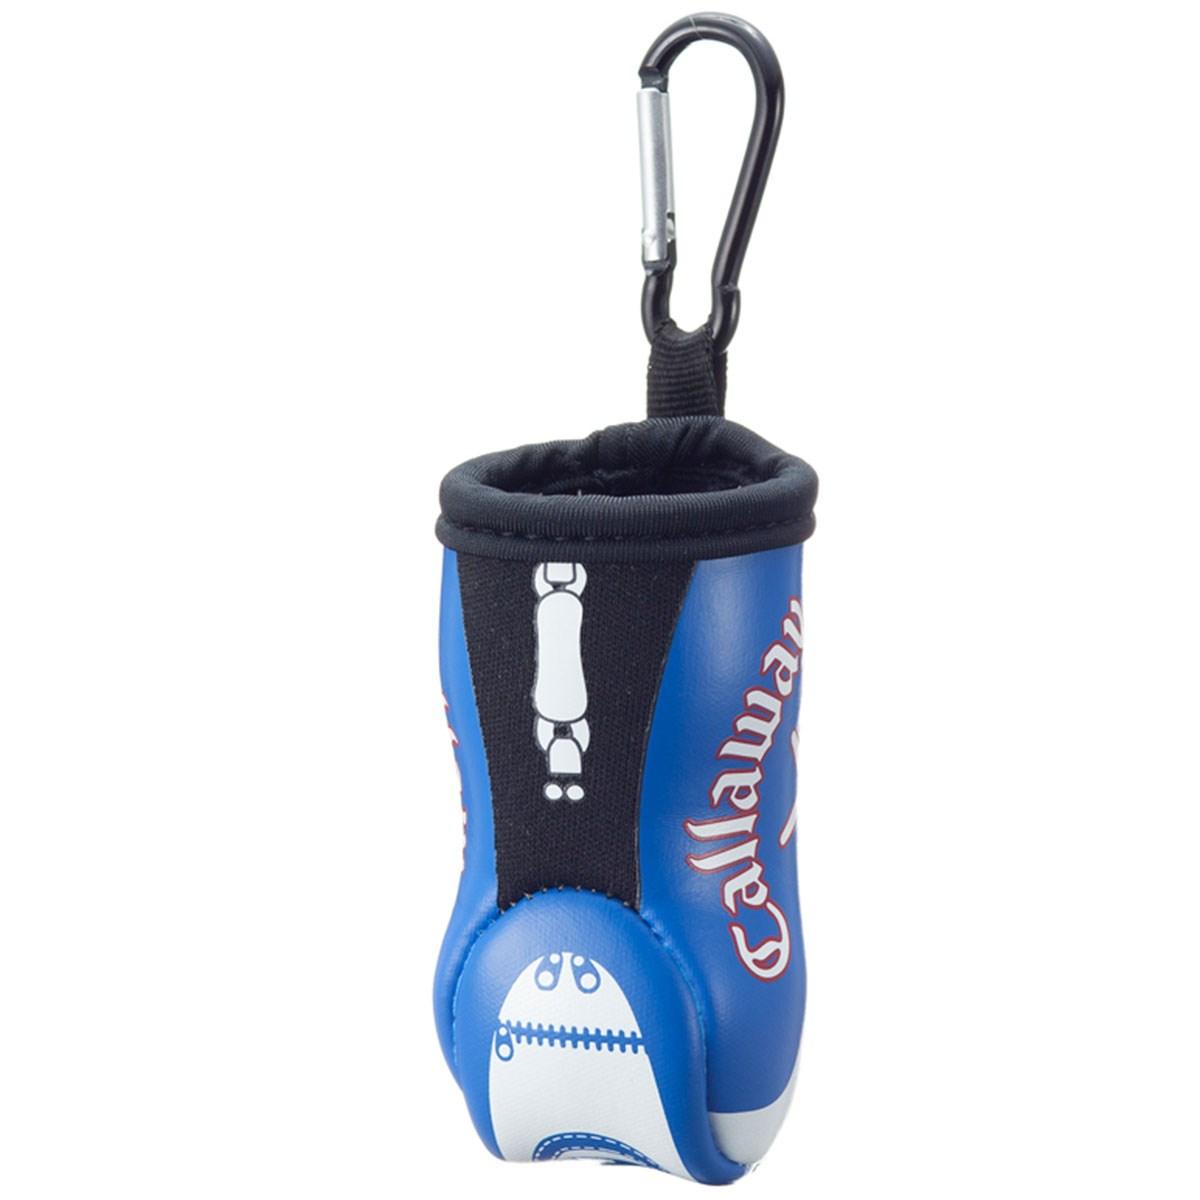 キャロウェイゴルフ(Callaway Golf) SPORT GB MOTIF ボールケース 17JM